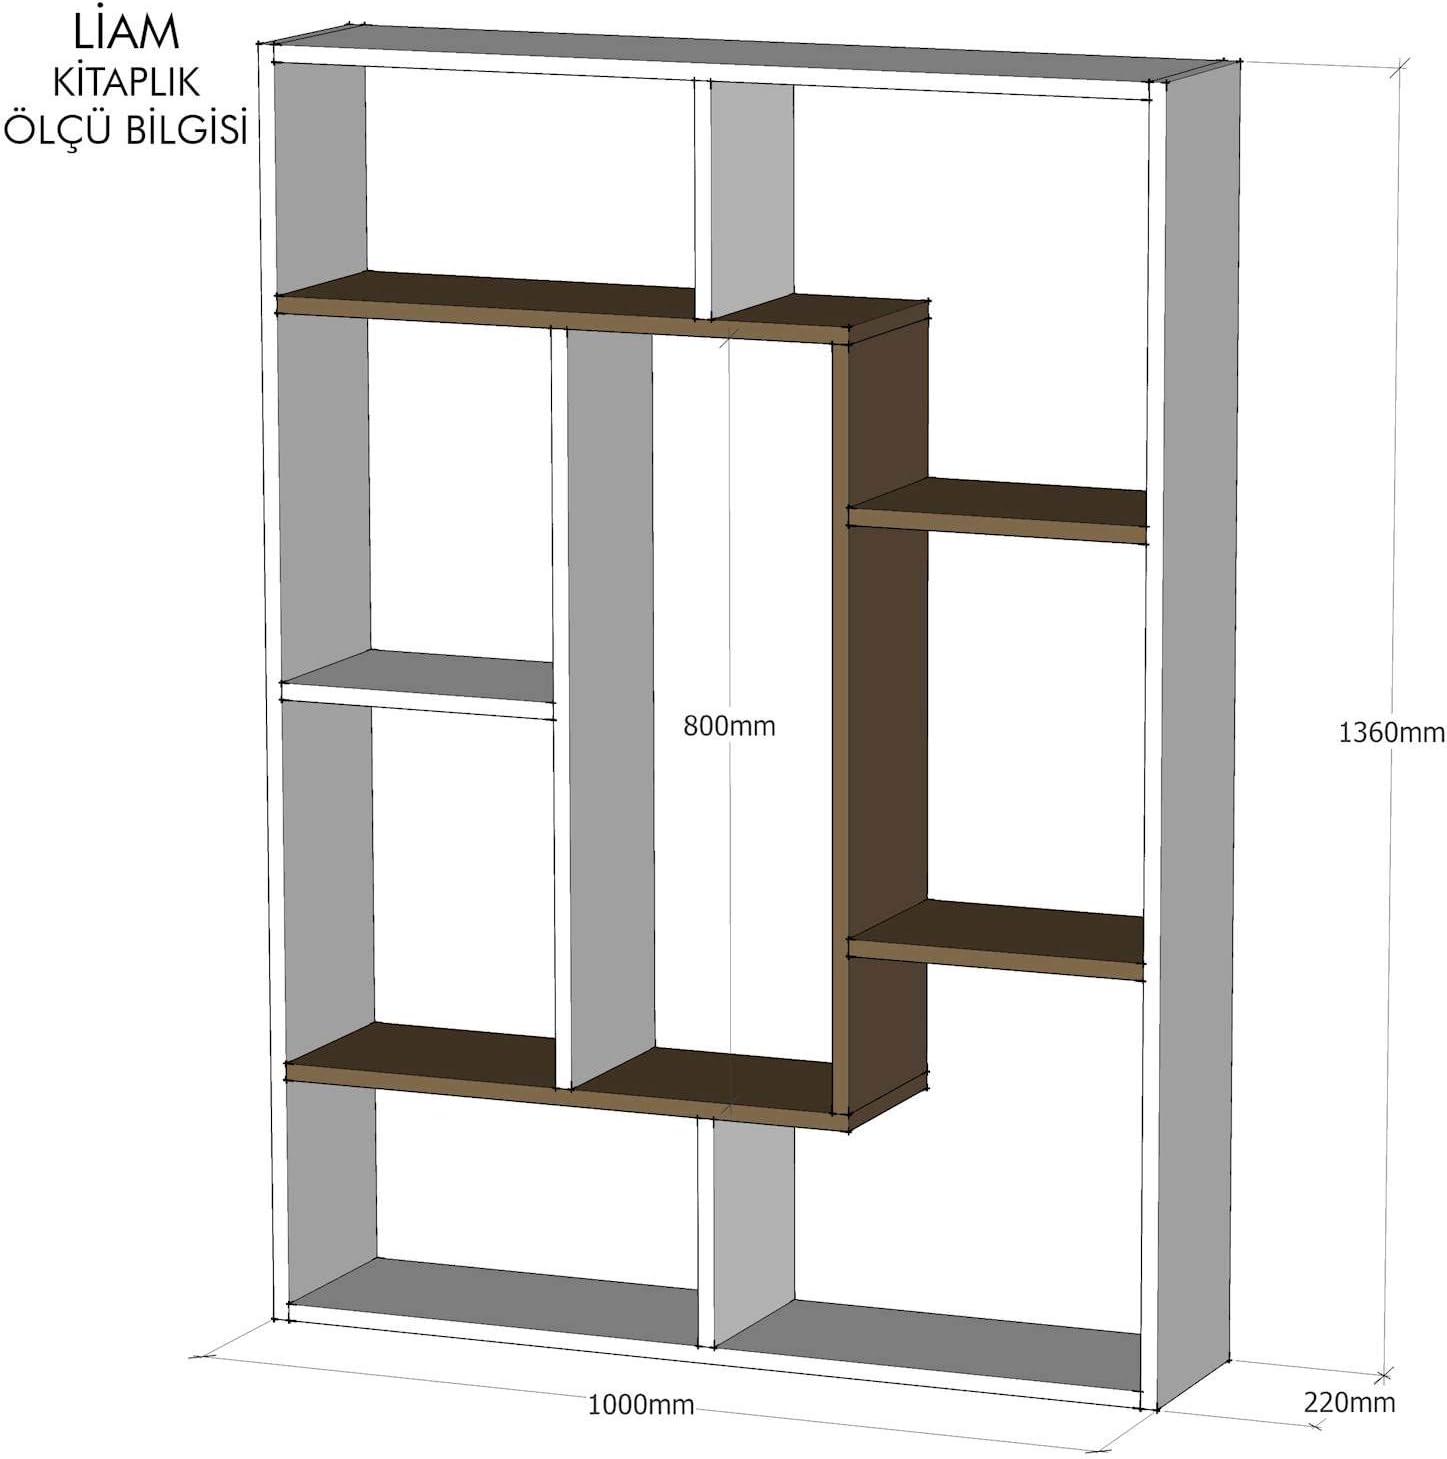 Homemania Libreria Liam Scaffale Mobile Bianco in Legno con Ripiani 100 x 22 x 136 cm Ufficio Noce da Salotto